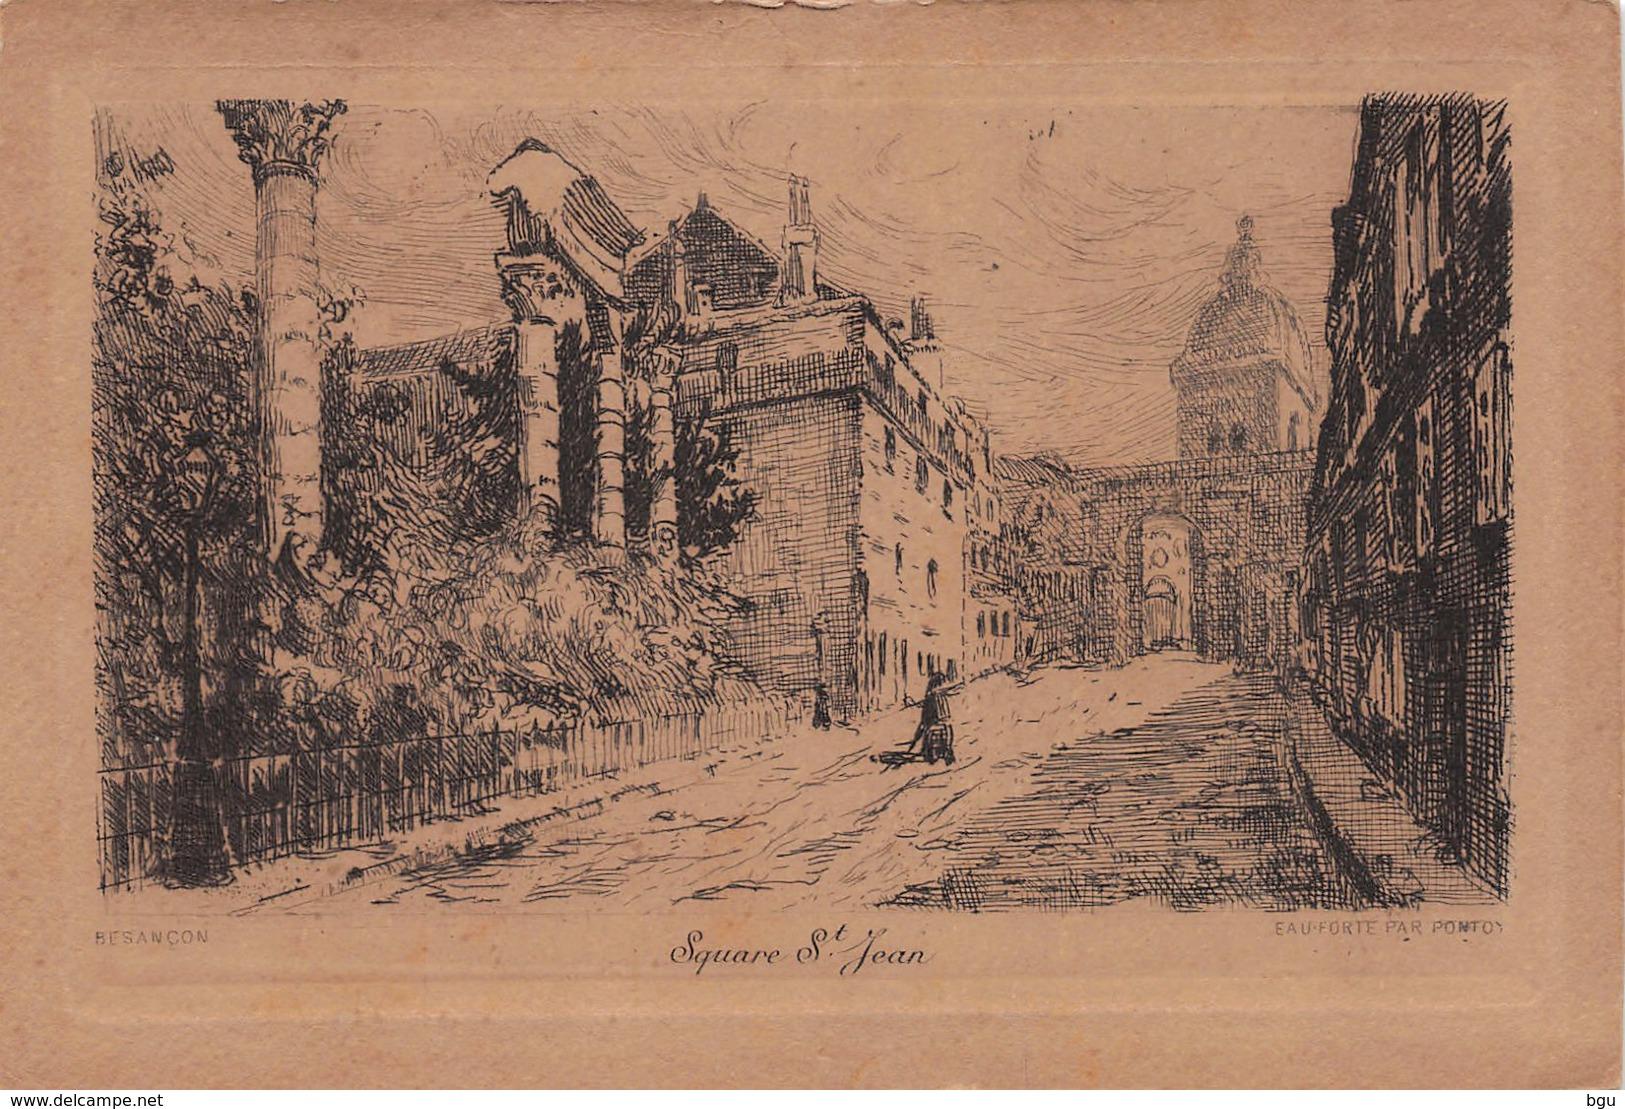 Besançon (25) - Square St Jean - Eau Forte Par Pontoy - Francia